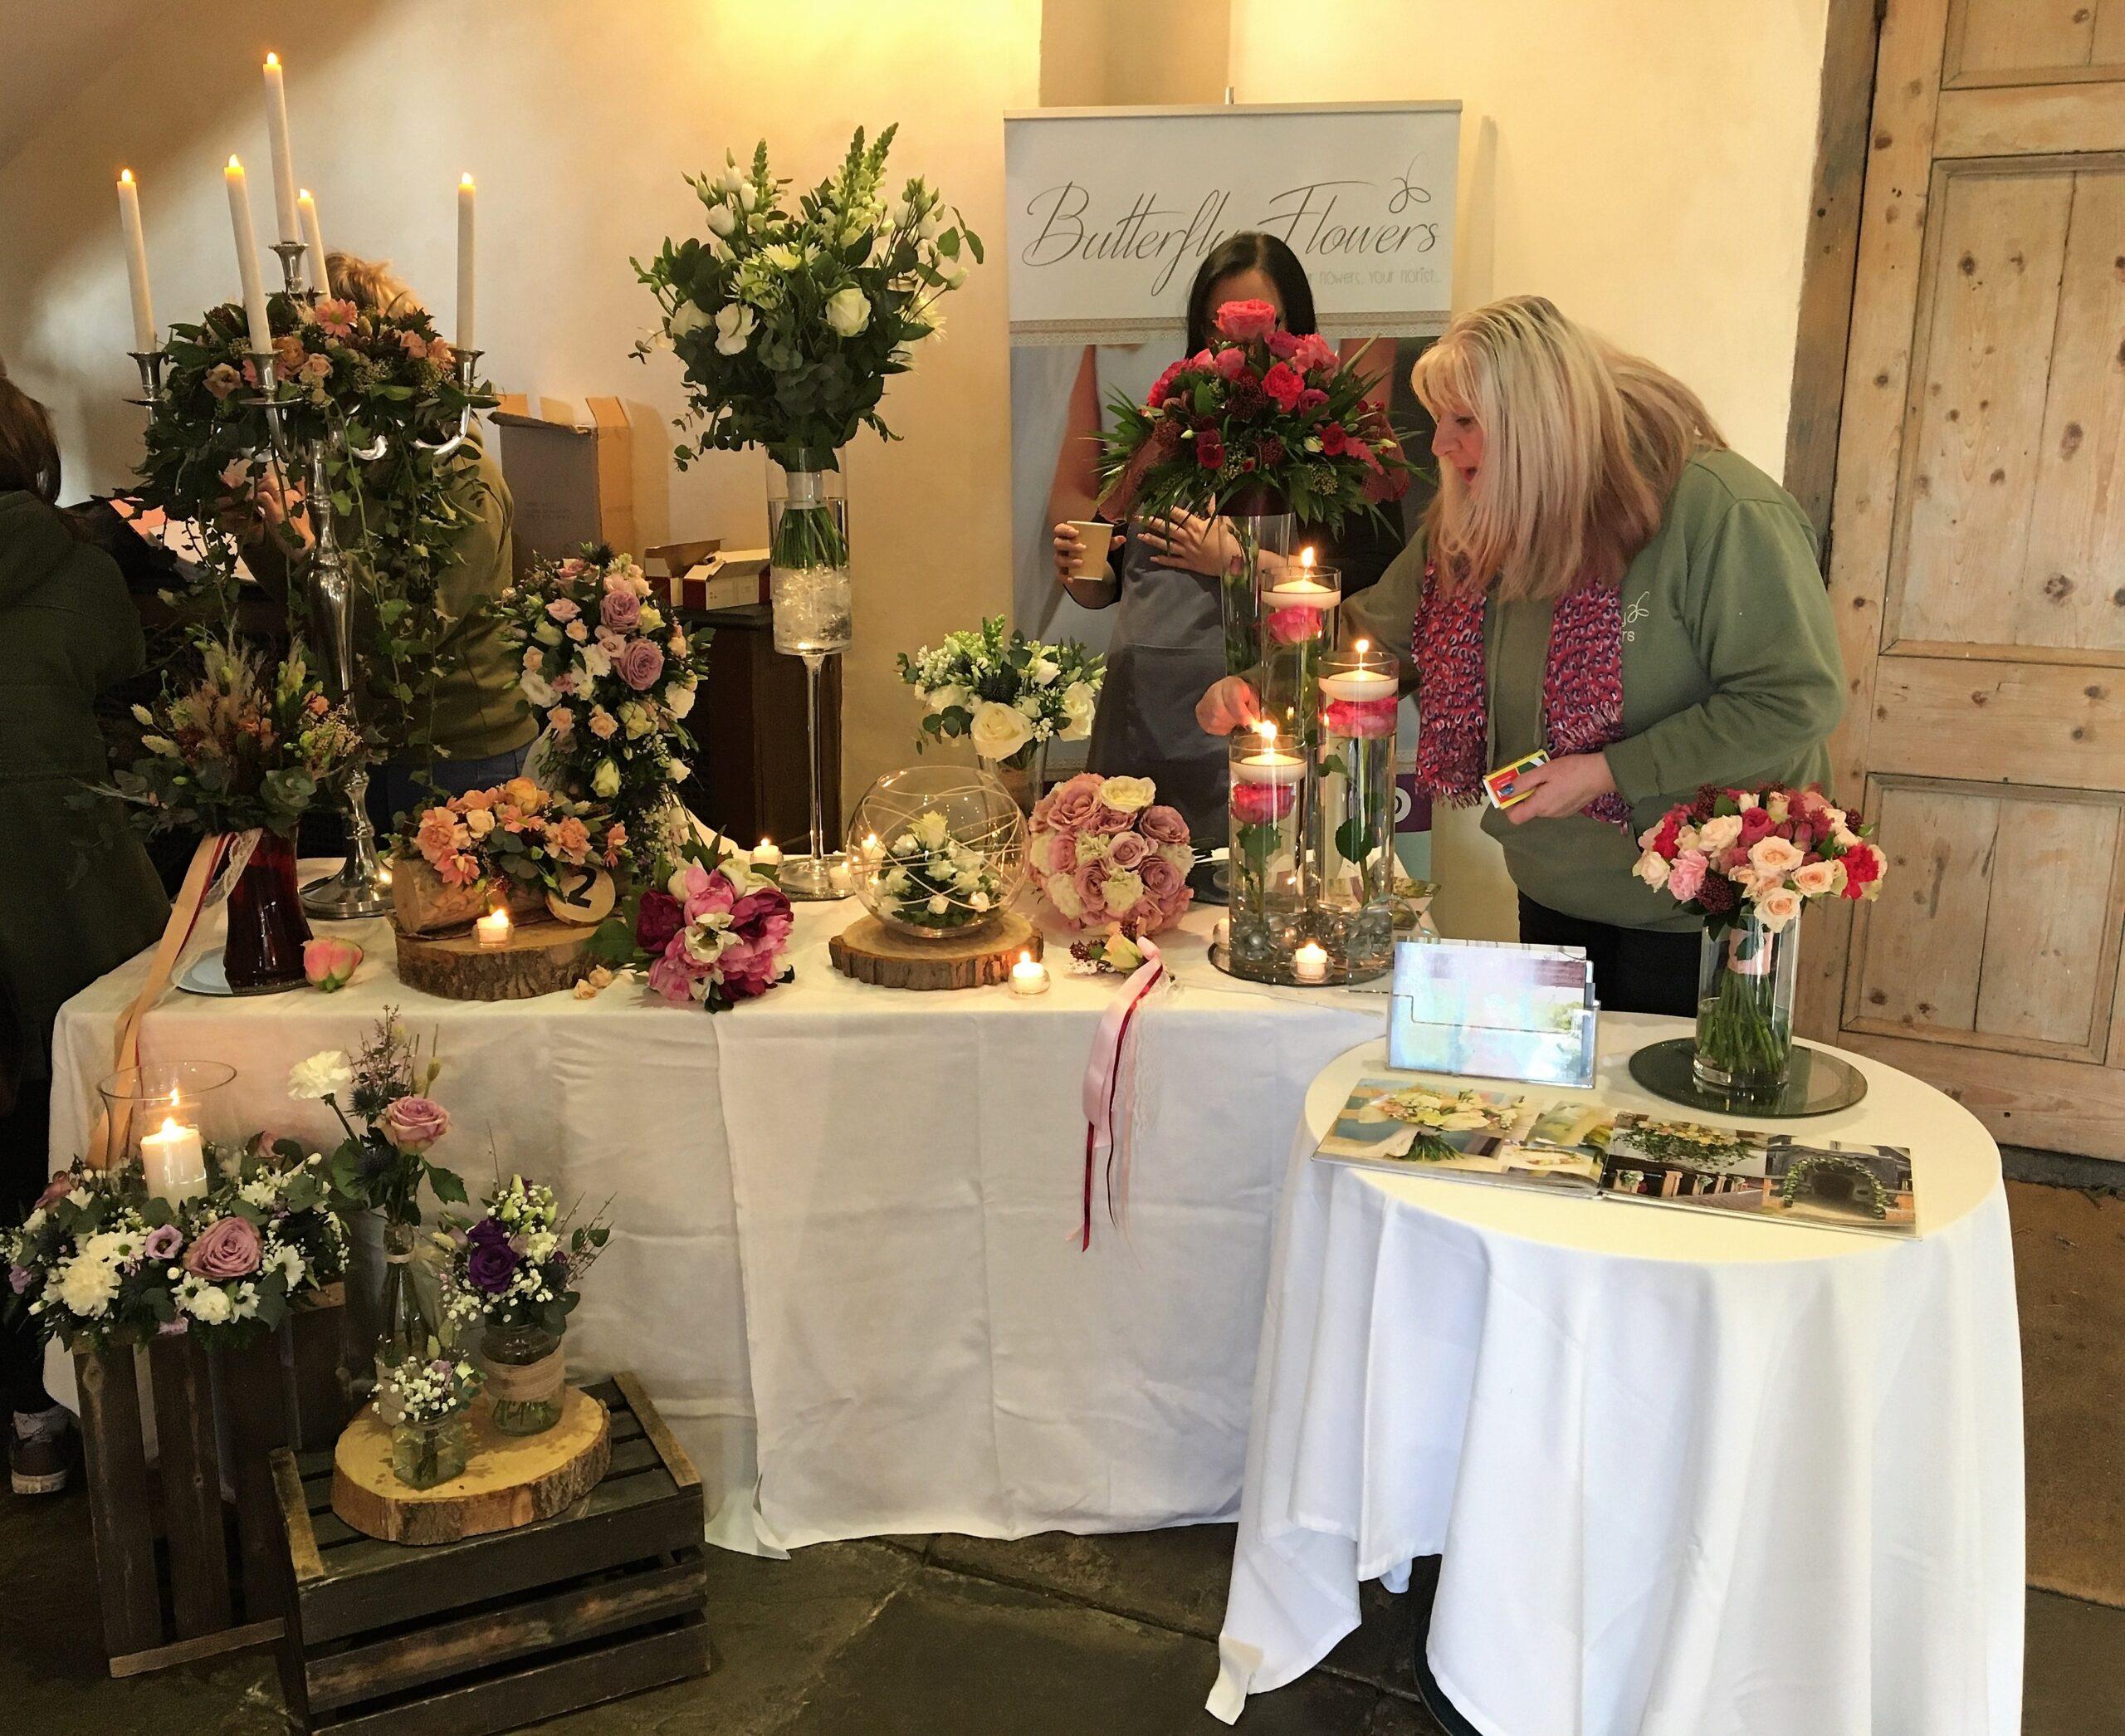 Floral displays at wedding fayre